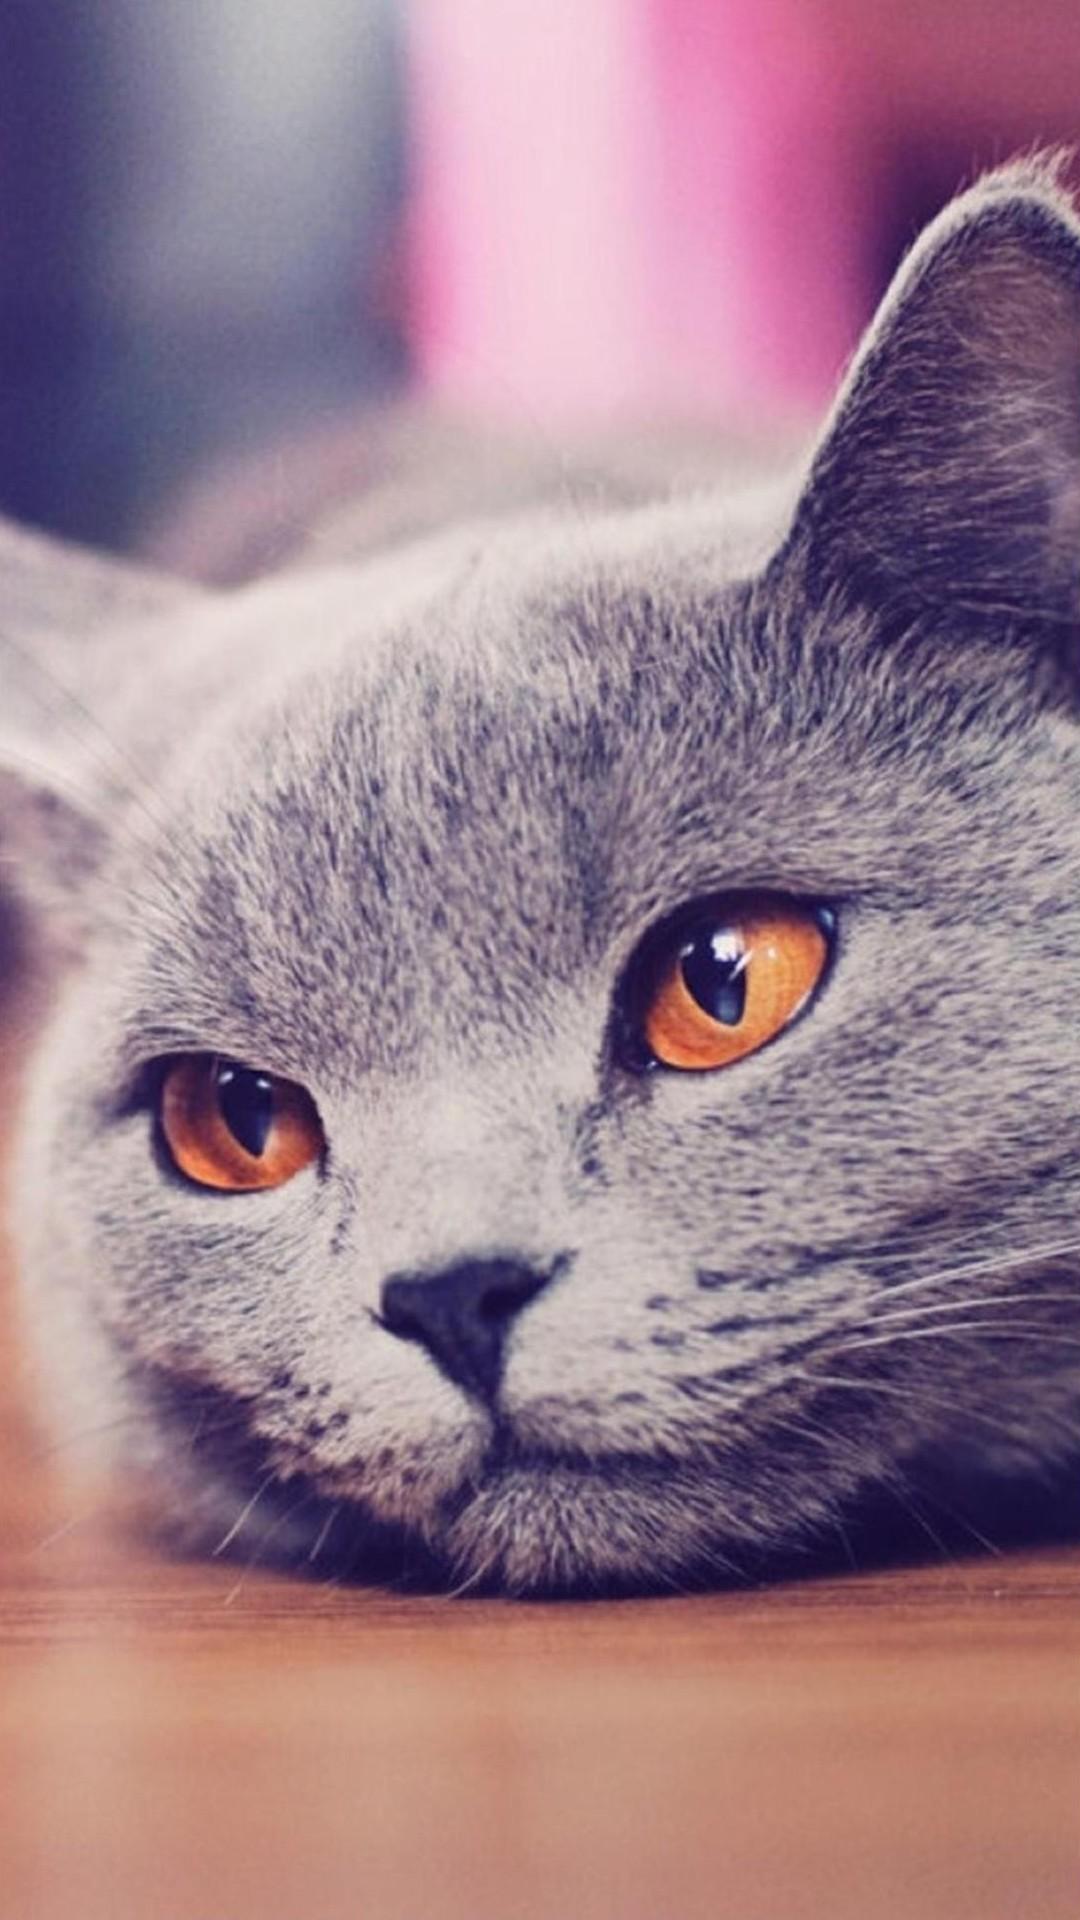 1080x1920px Galaxy Cat Wallpaper Wallpapersafari